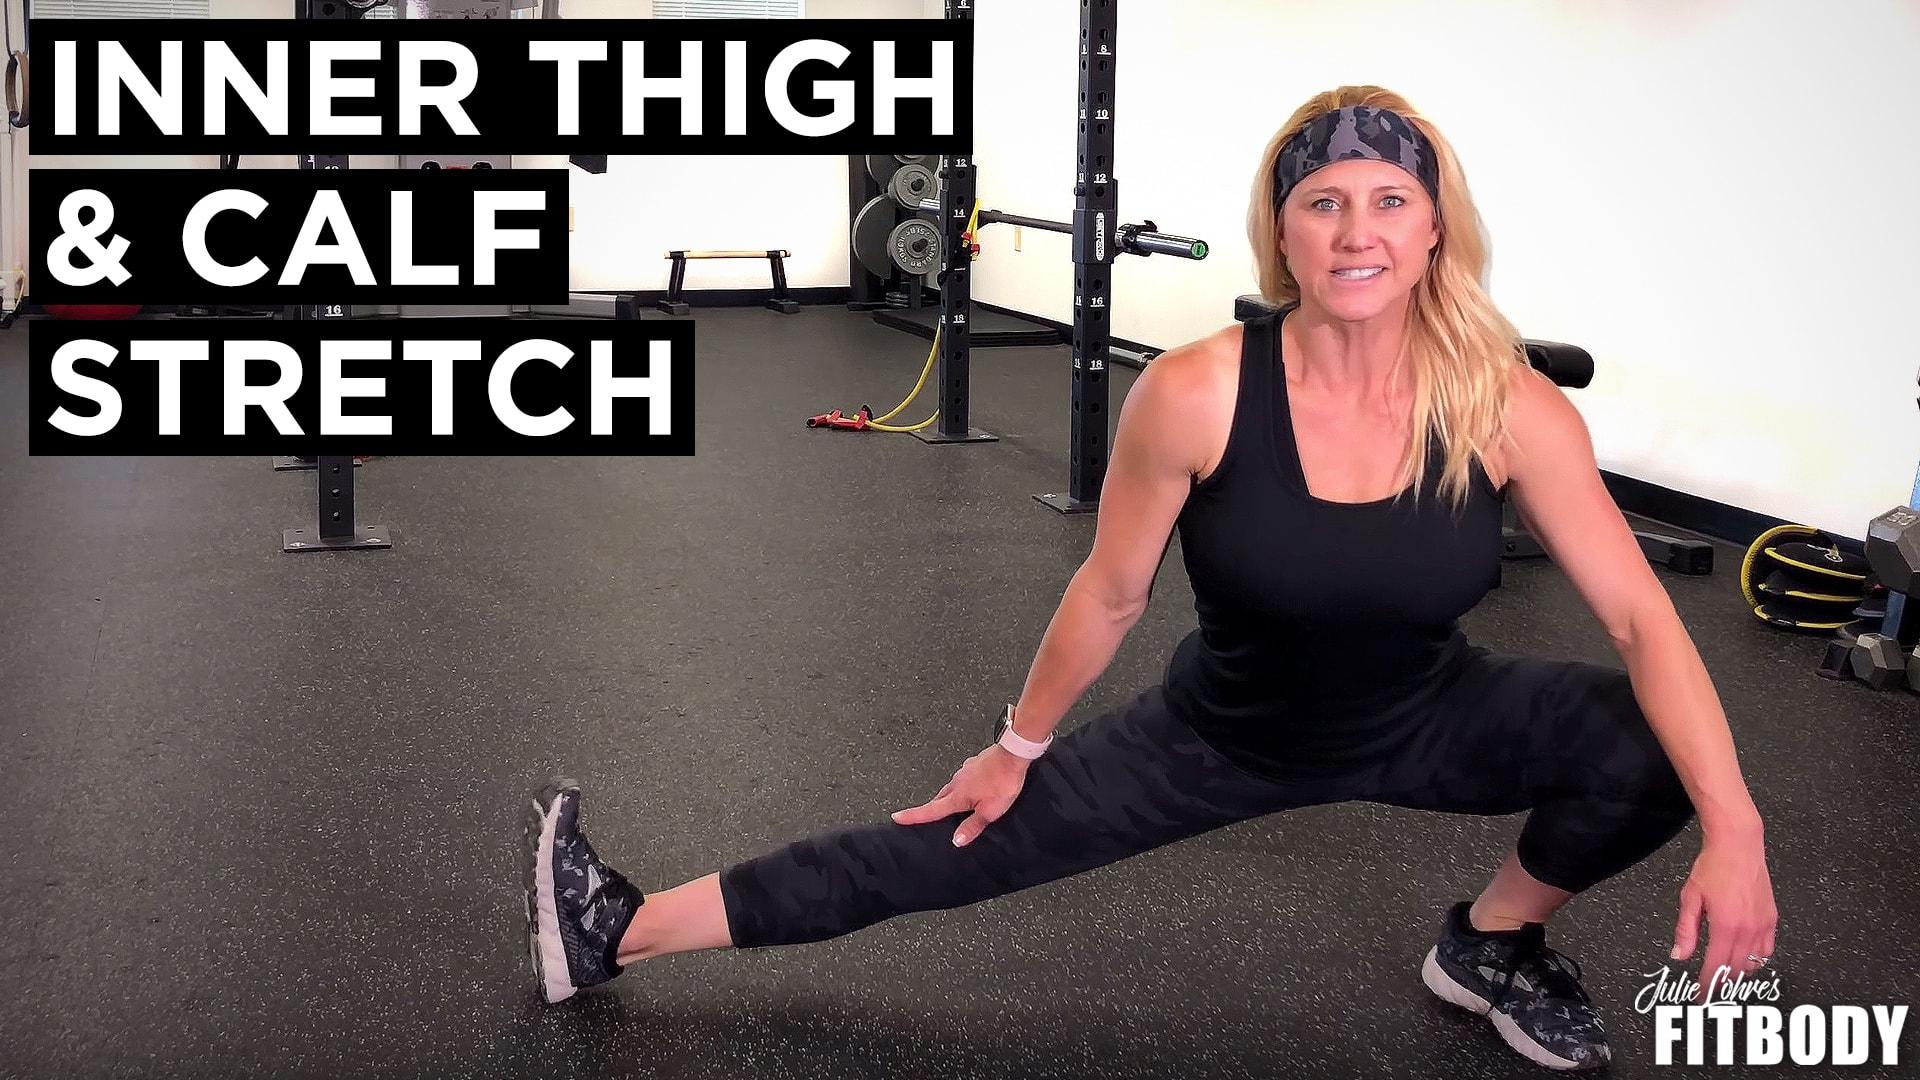 Inner Thigh and Calf Strech